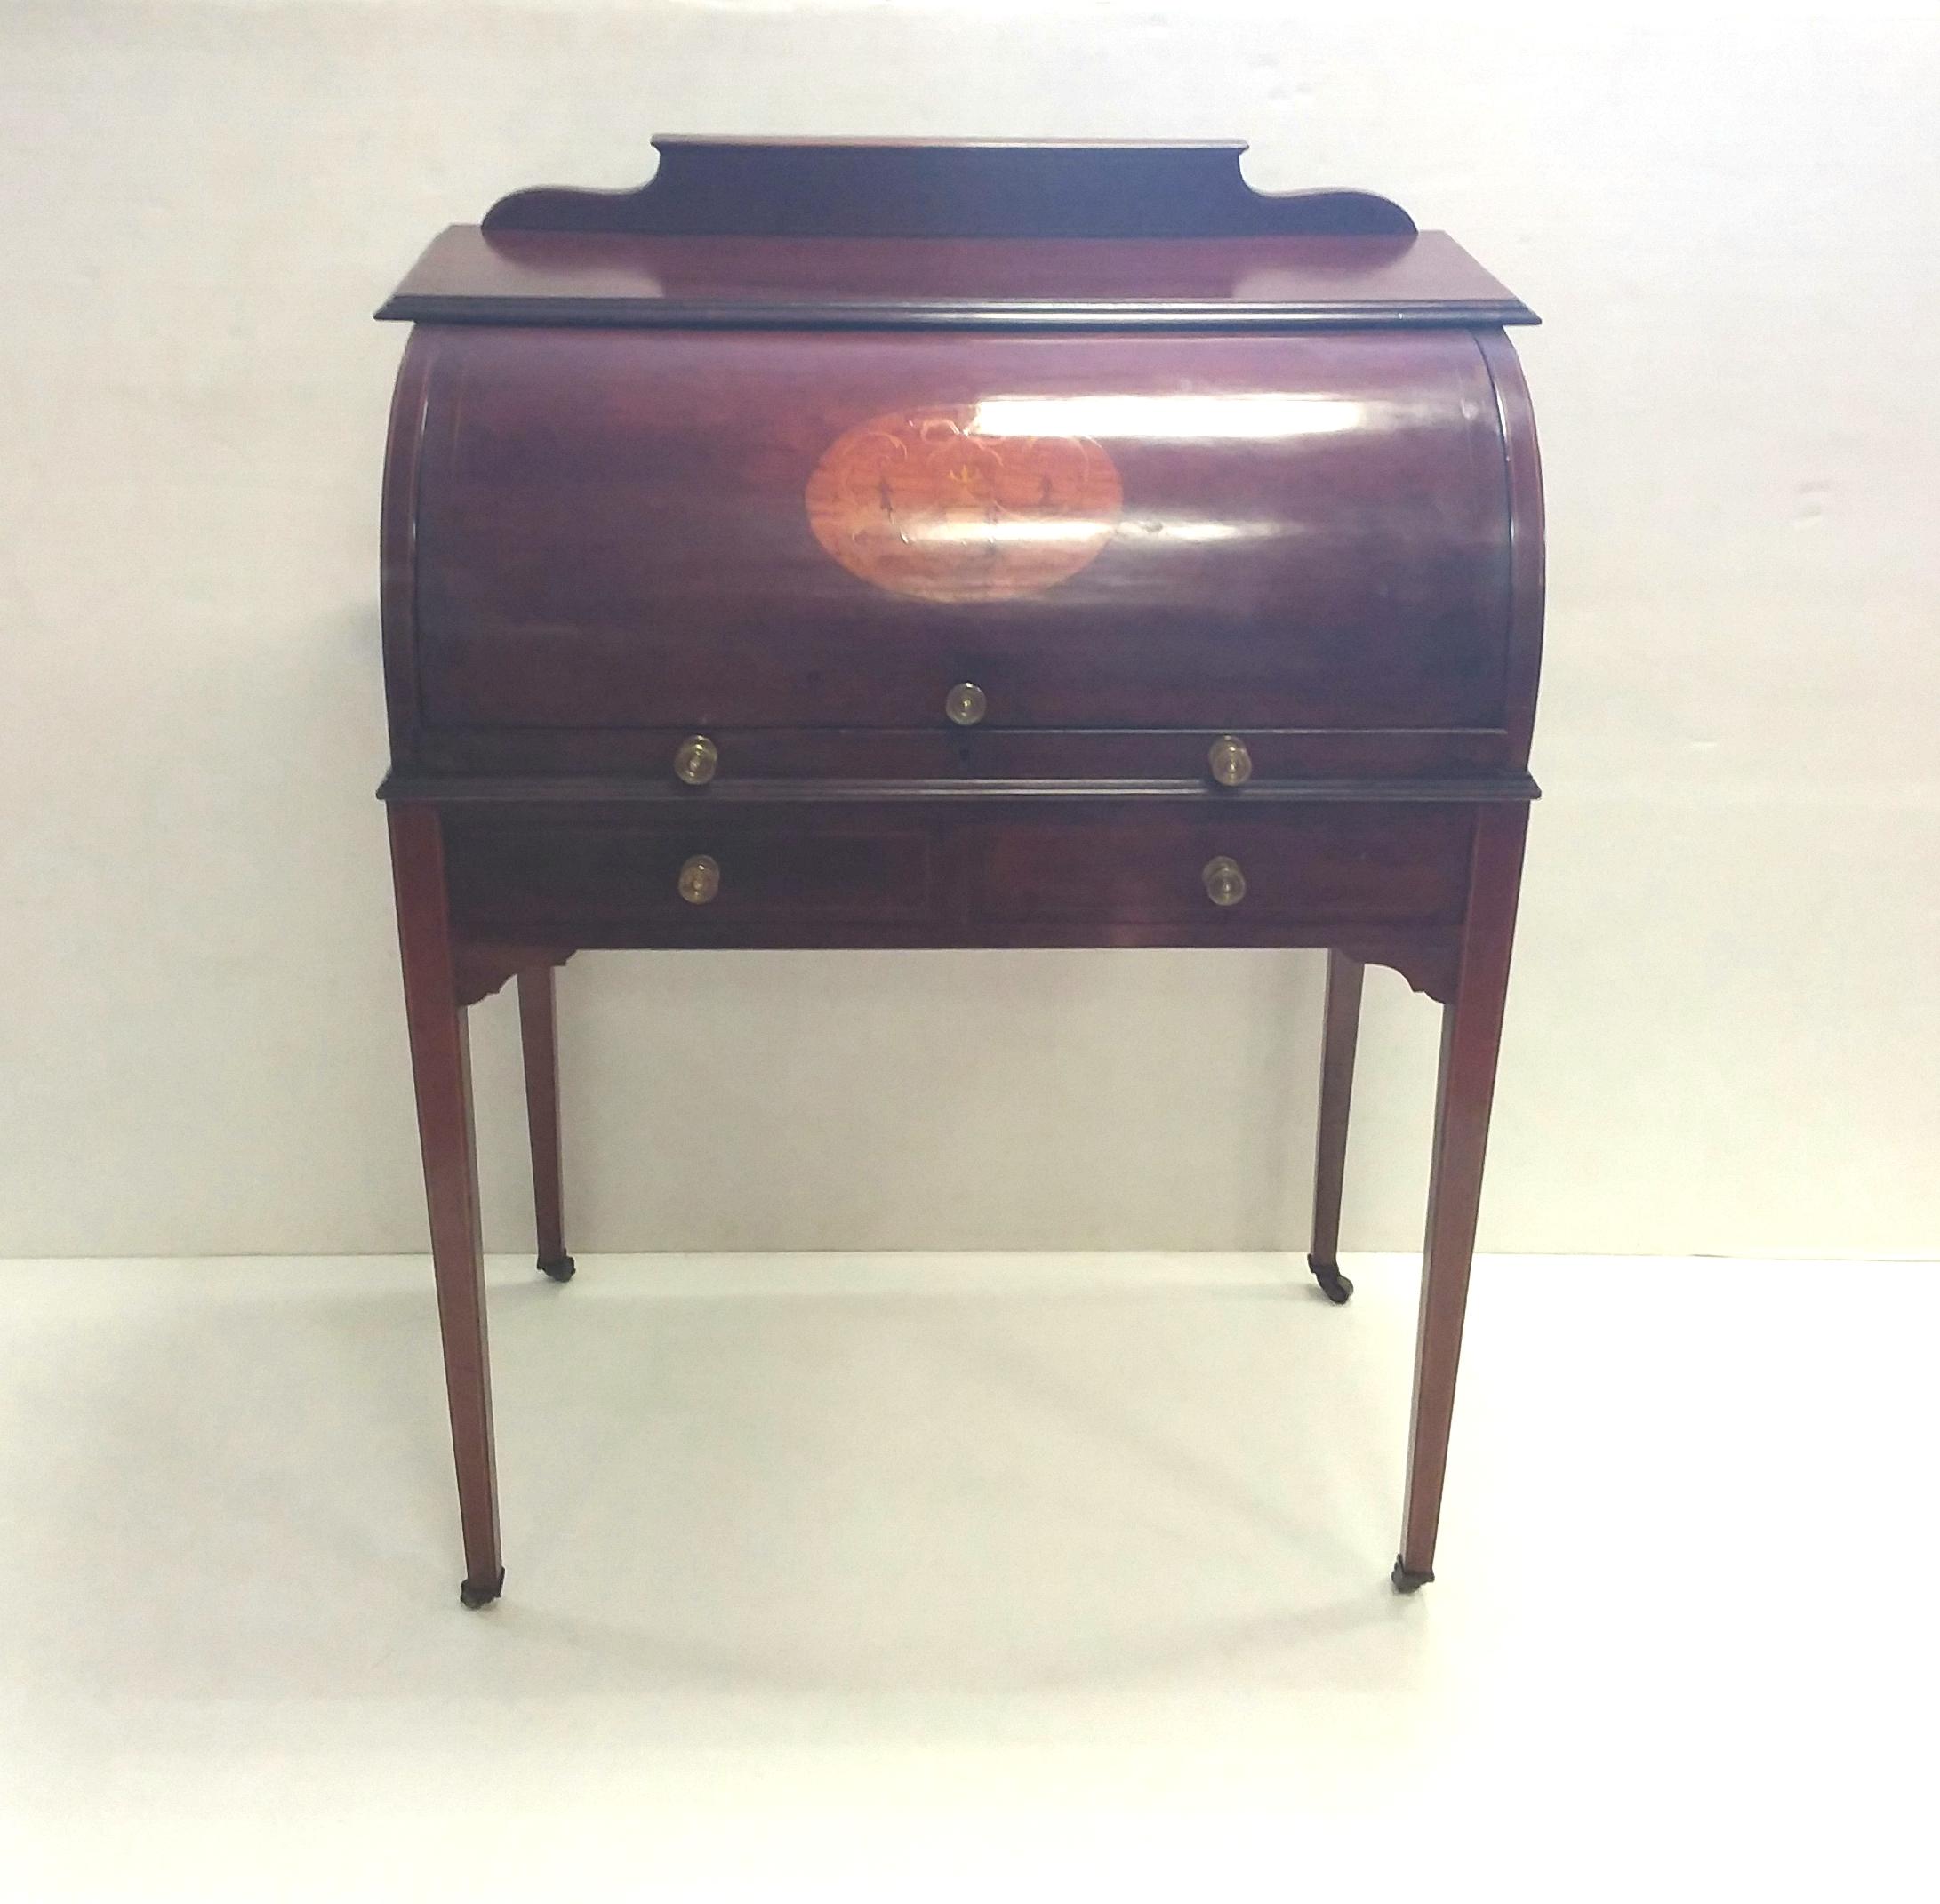 Antique Edwardian Cylinder Desk